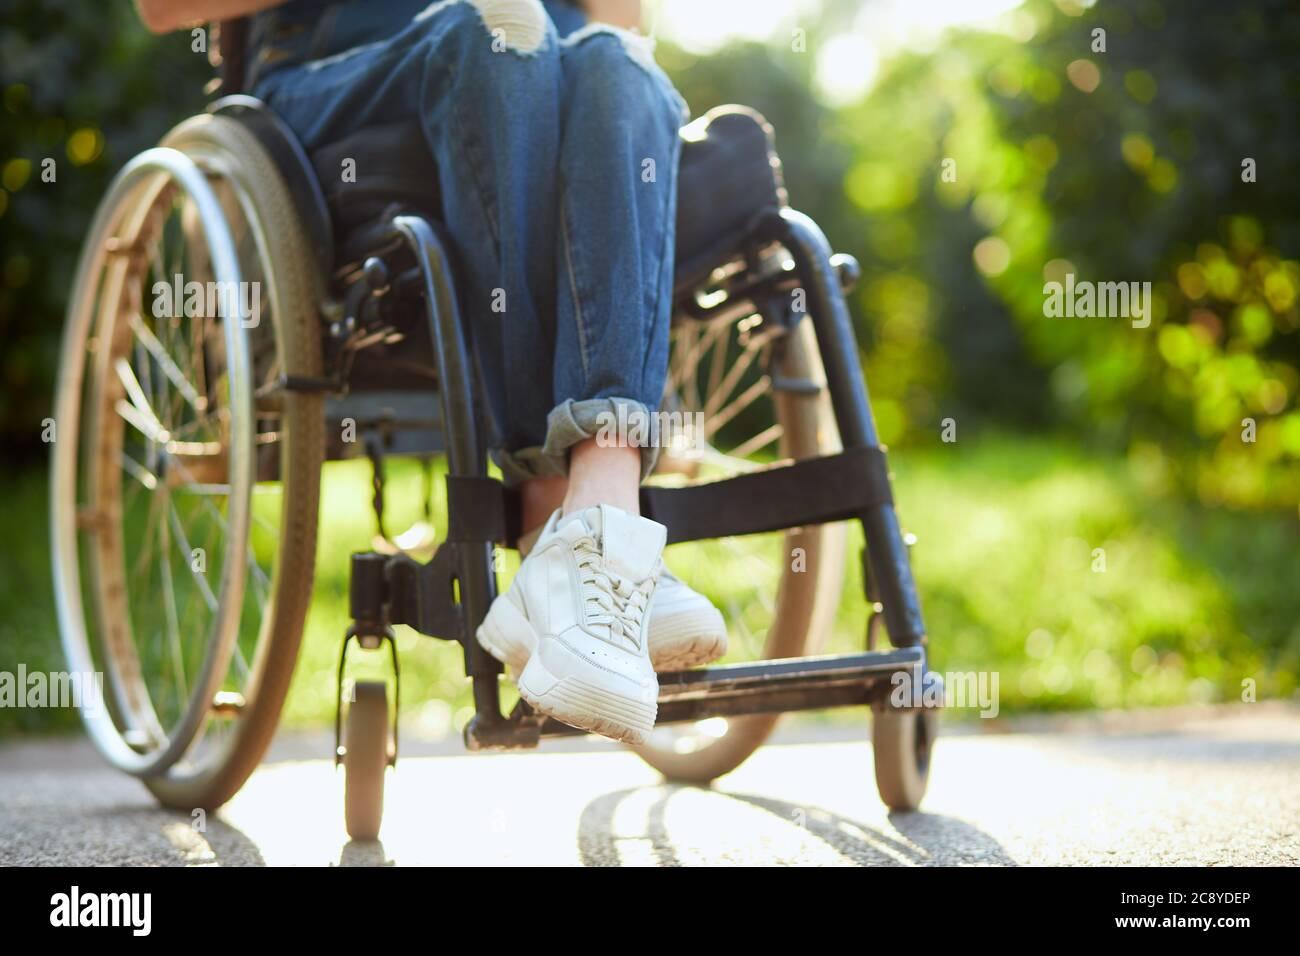 giovane ragazza disabile in tuta e trainer bianchi seduti con gambe incrociate sulla sedia a rotelle. primo piano foto ritagliata. Foto Stock